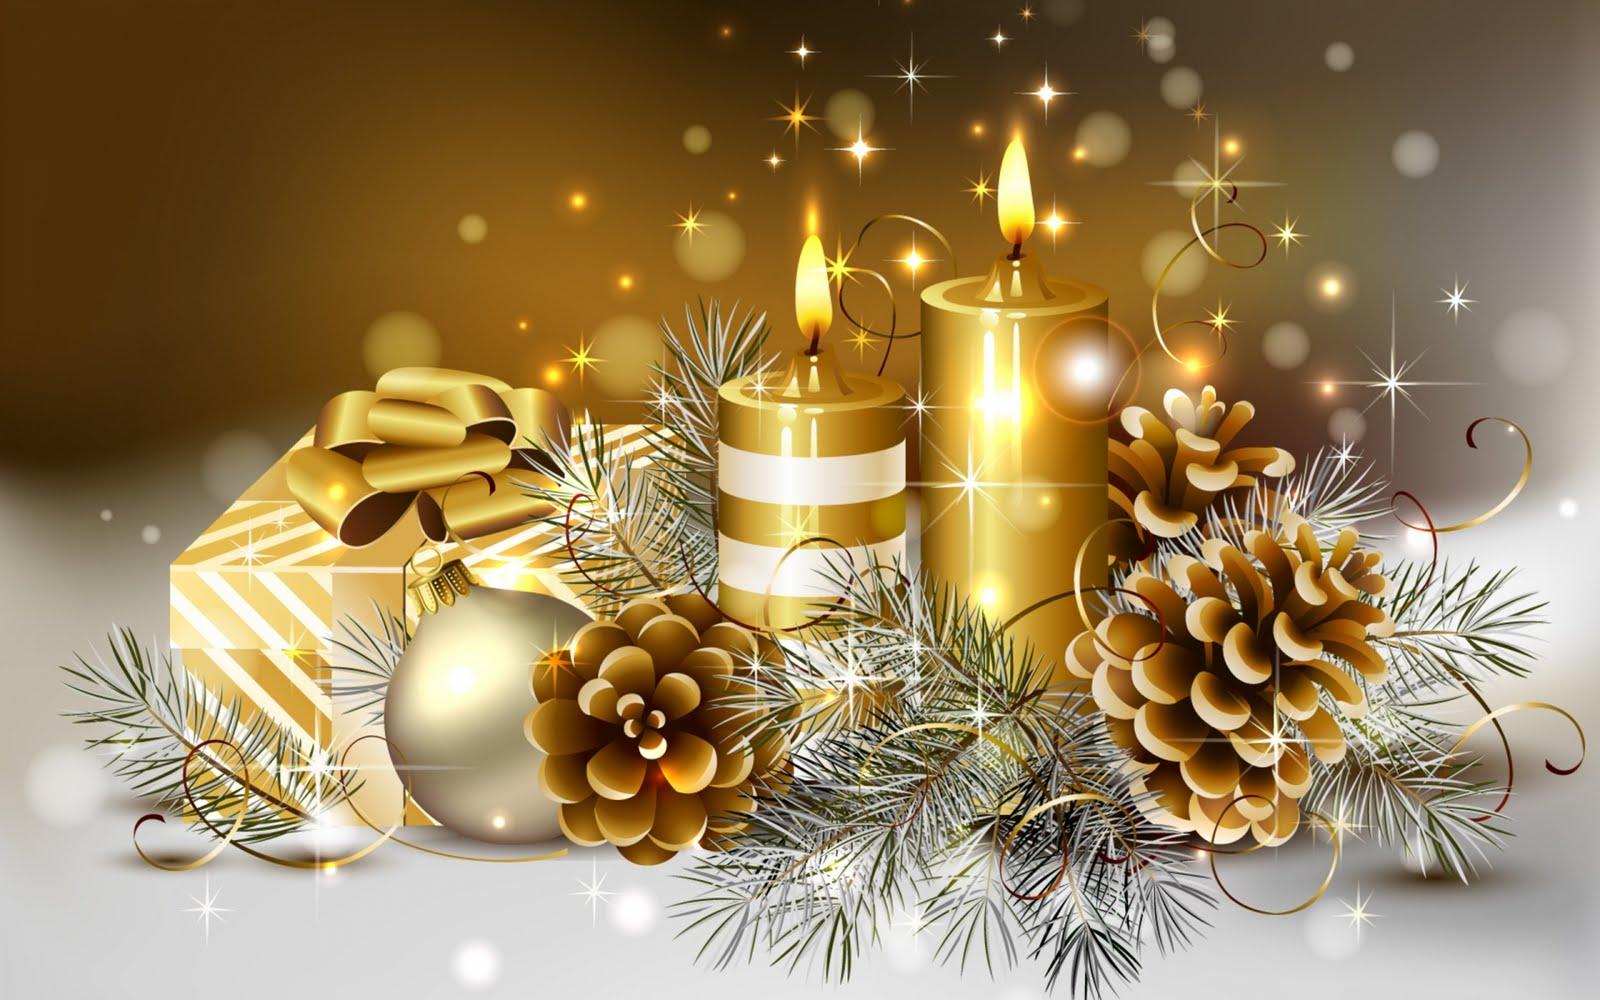 UN ARBOL DE NAVIDAD Navidad-2